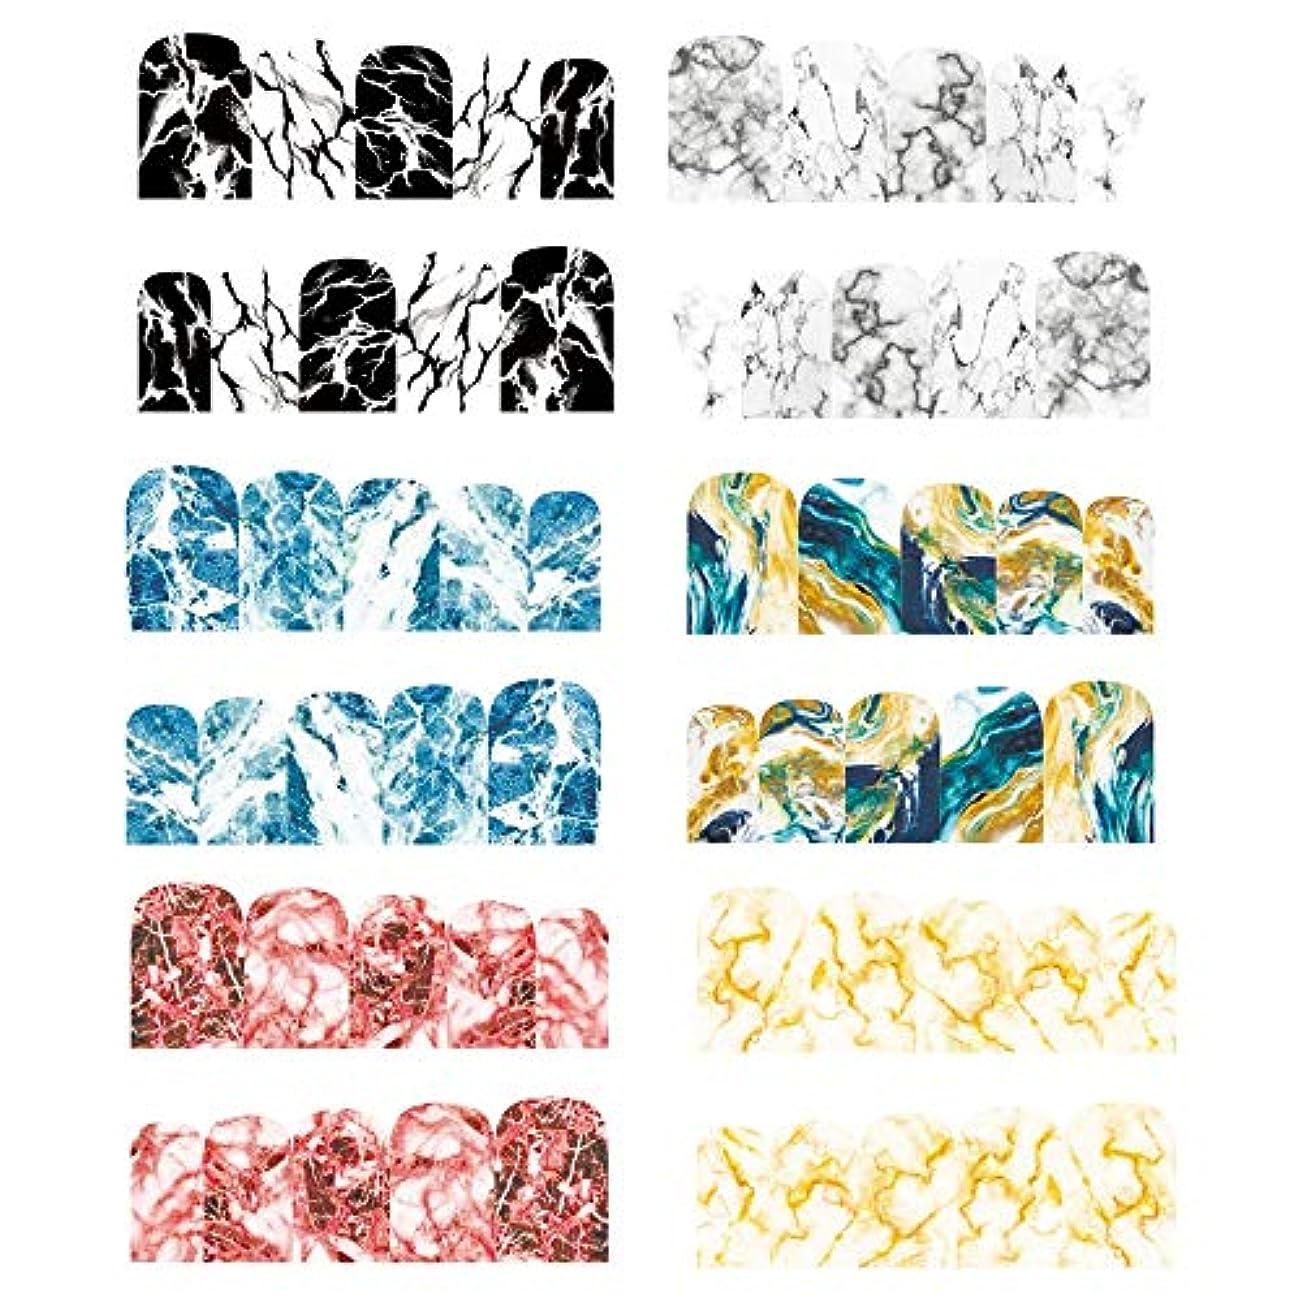 いくつかの写真を描く正当化するネイルパーツ ネイルパーツ 大理石 ネイルステッカー ネイルシール デコ ウォーターシールネイルアートシール 3Dネイルシール ステッカー 貼り紙 綺麗 6ピース ハンドメイド材料